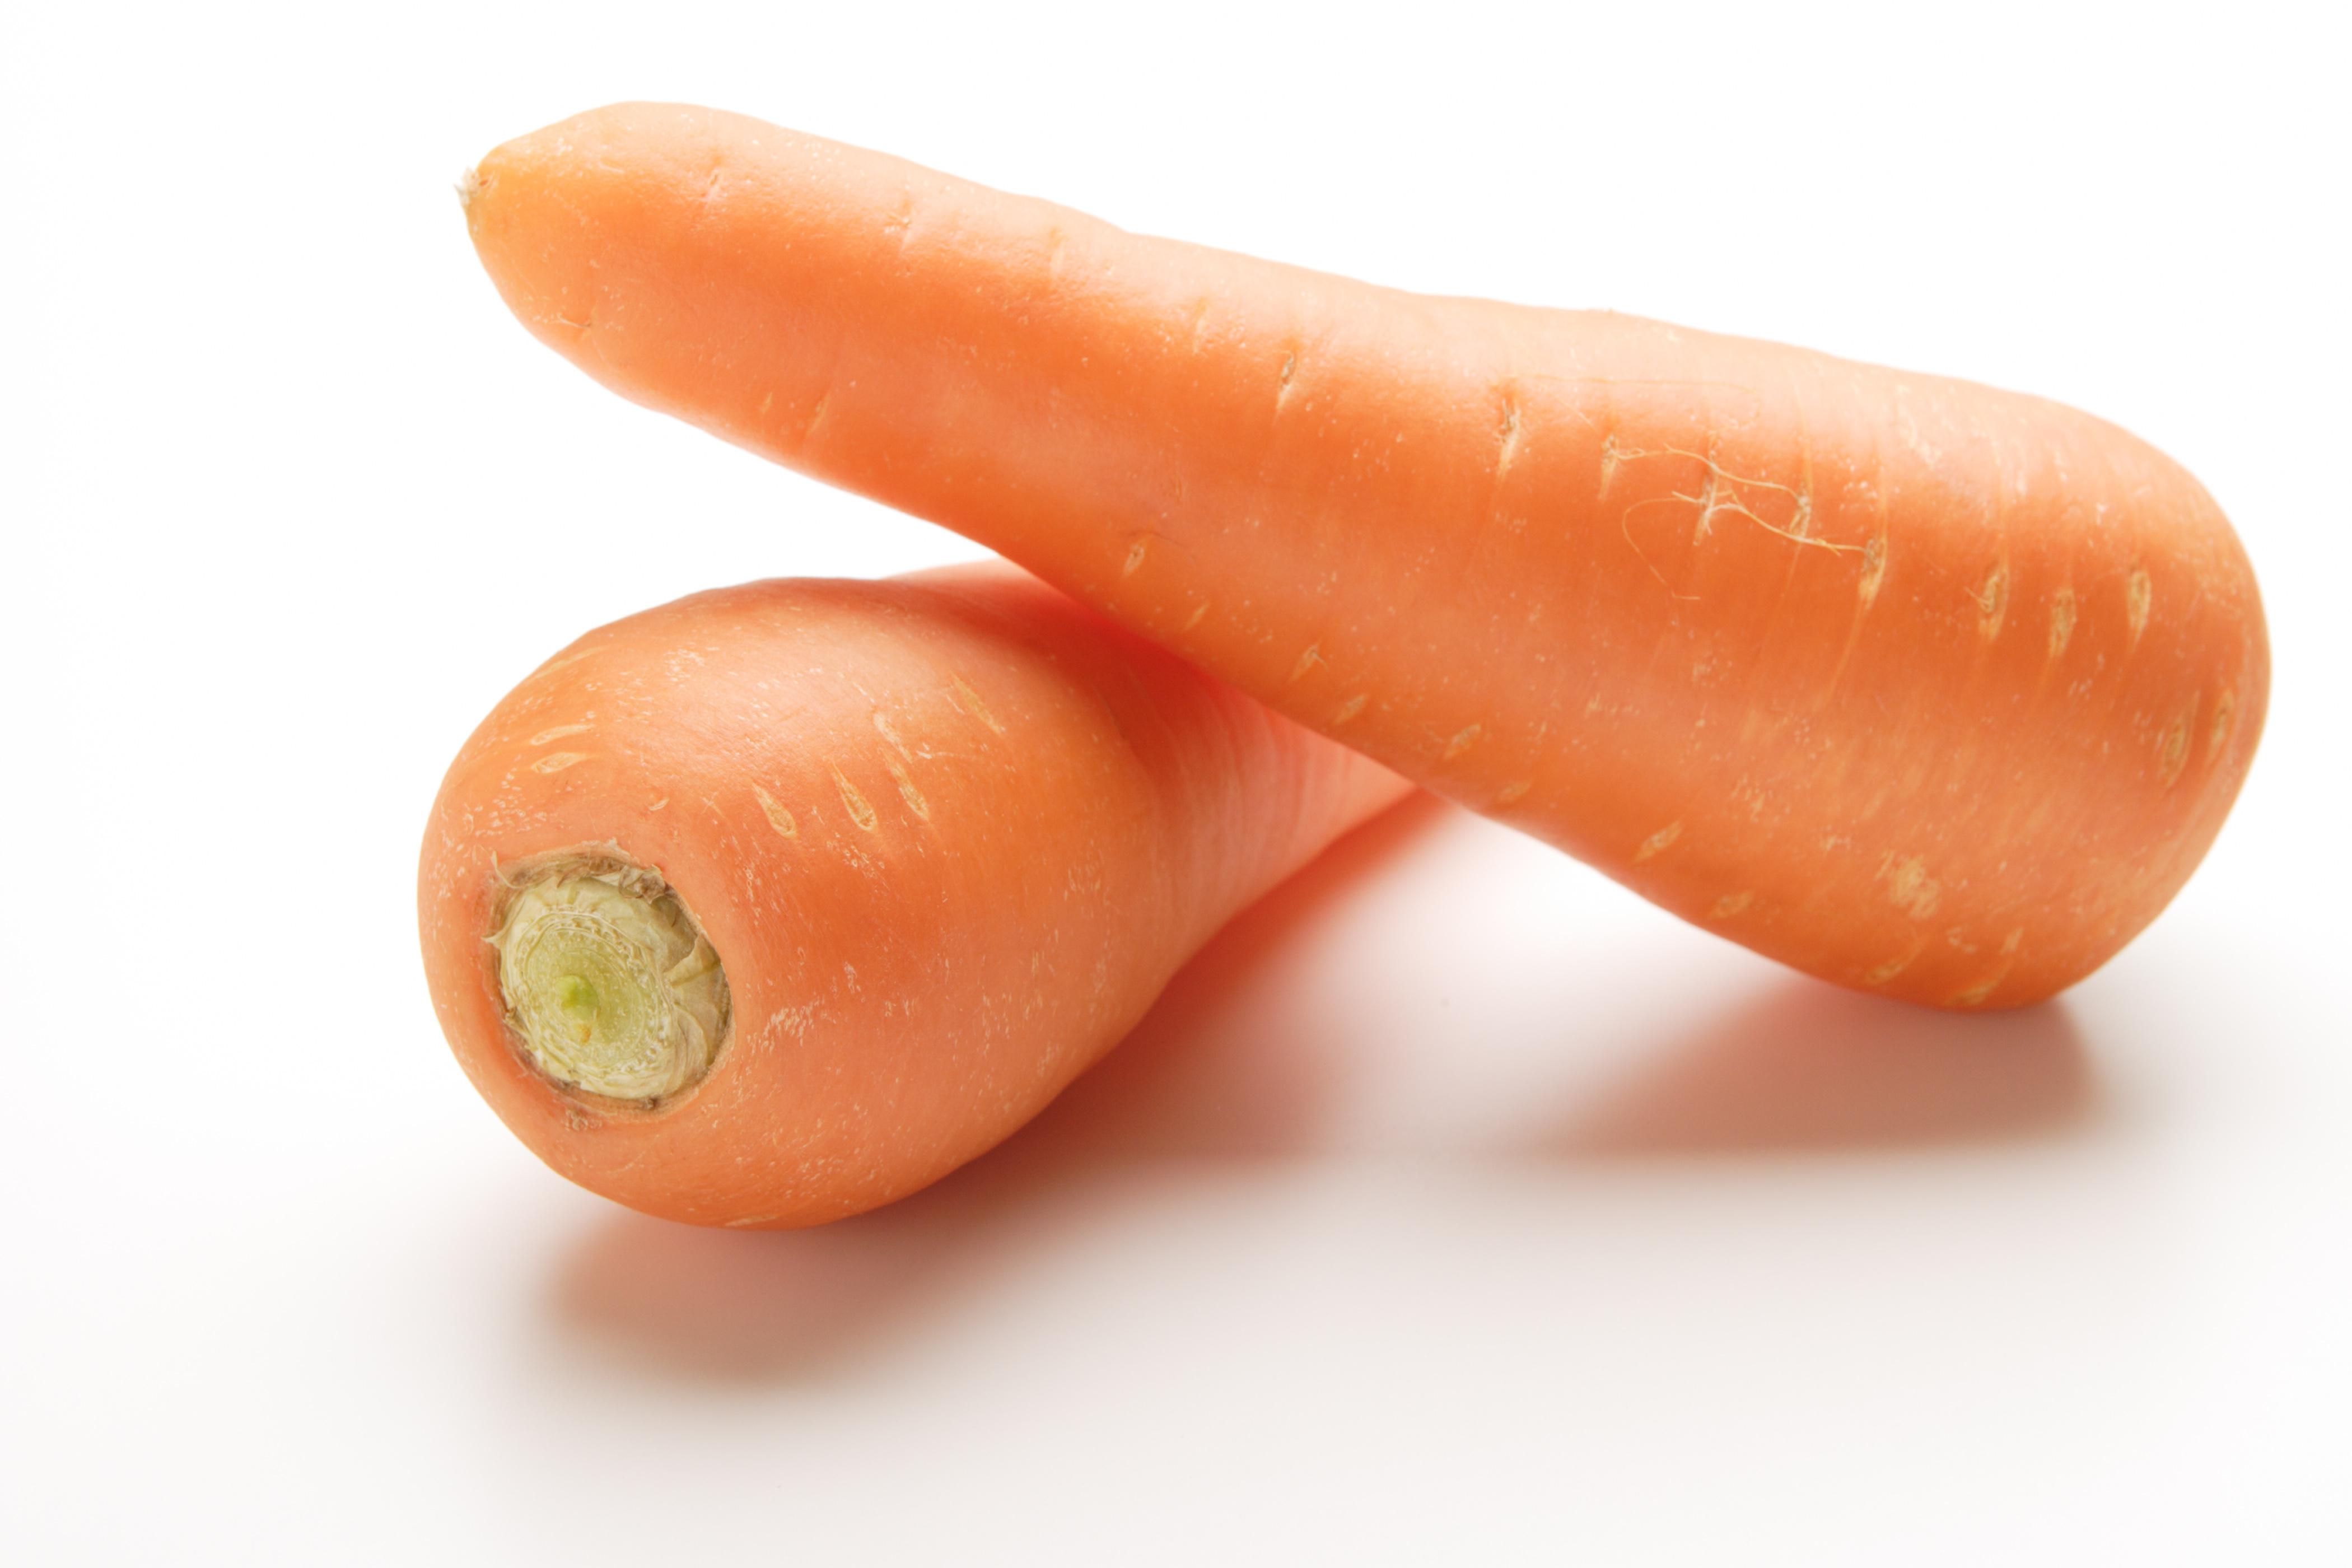 人参嫌いな人でも食べられる!人参を使ったお菓子のレシピ5選のサムネイル画像